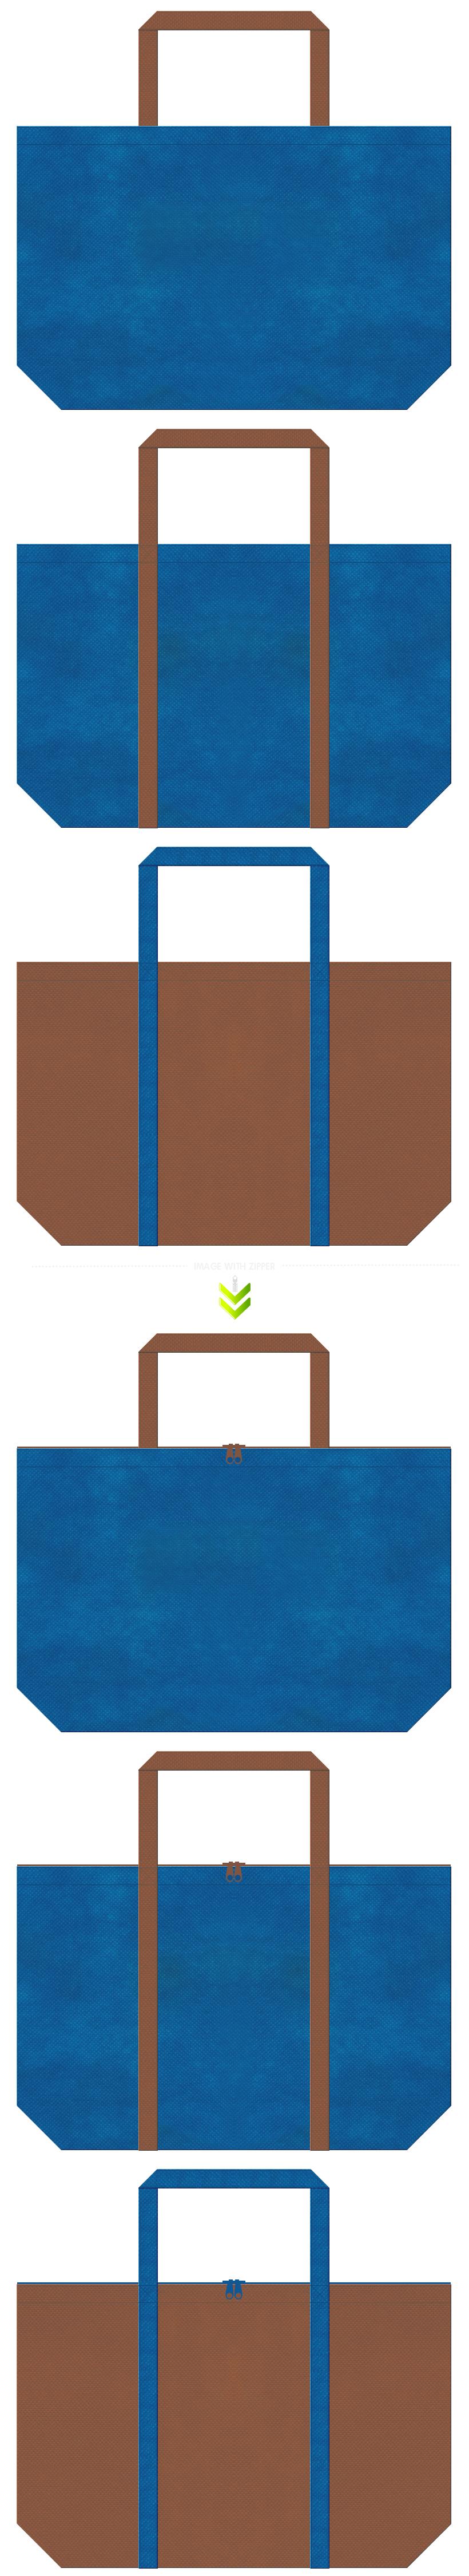 バッグノベルティのコーデ。青色と茶色の不織布バッグデザイン。